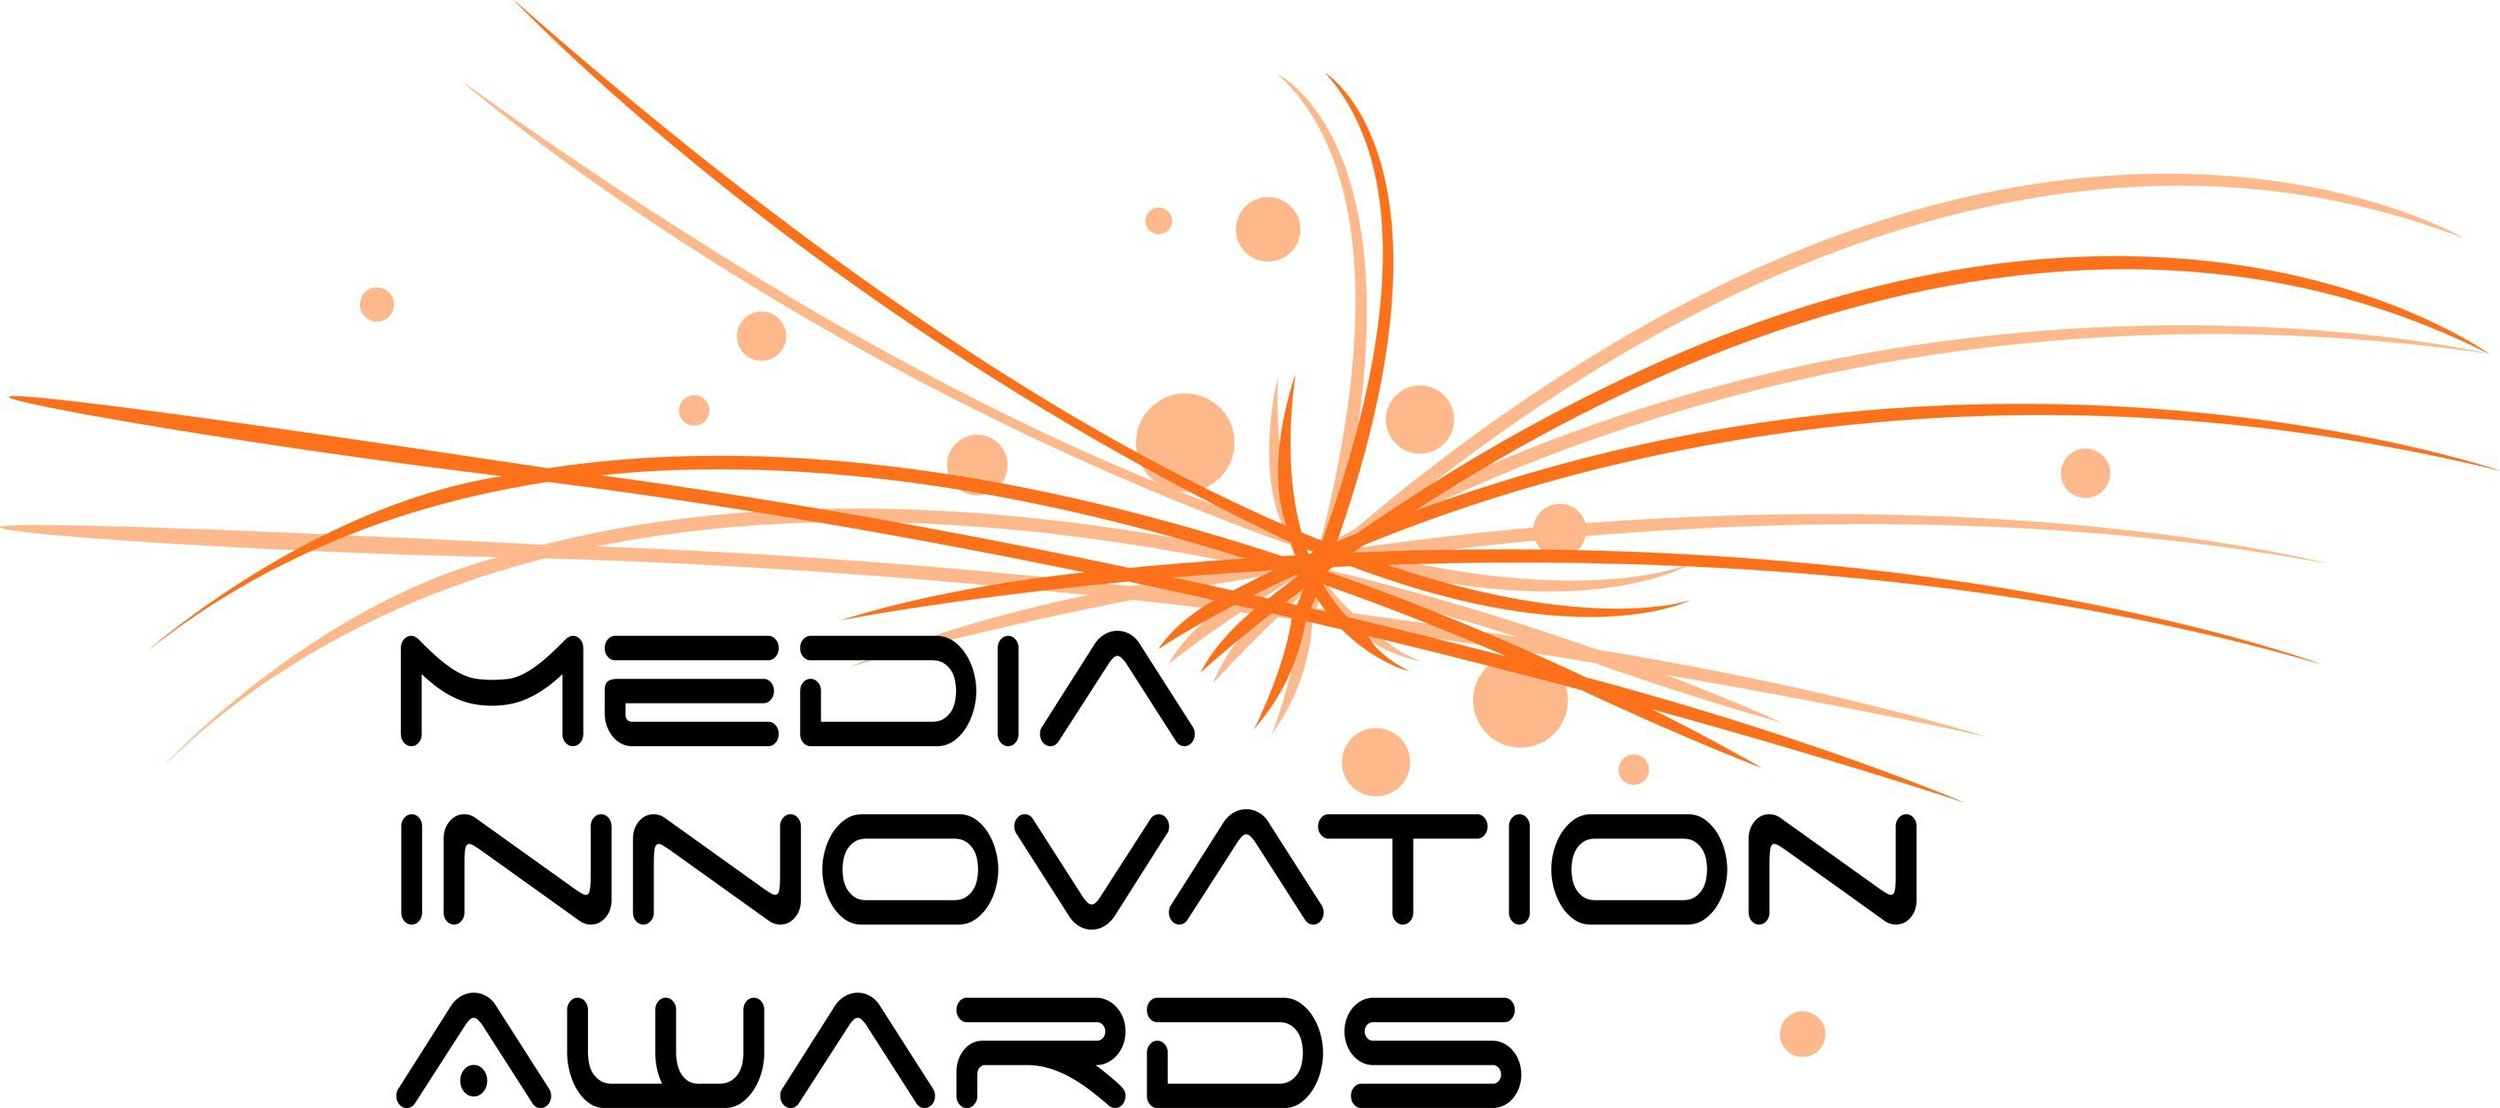 Media Innovation Awards logo.